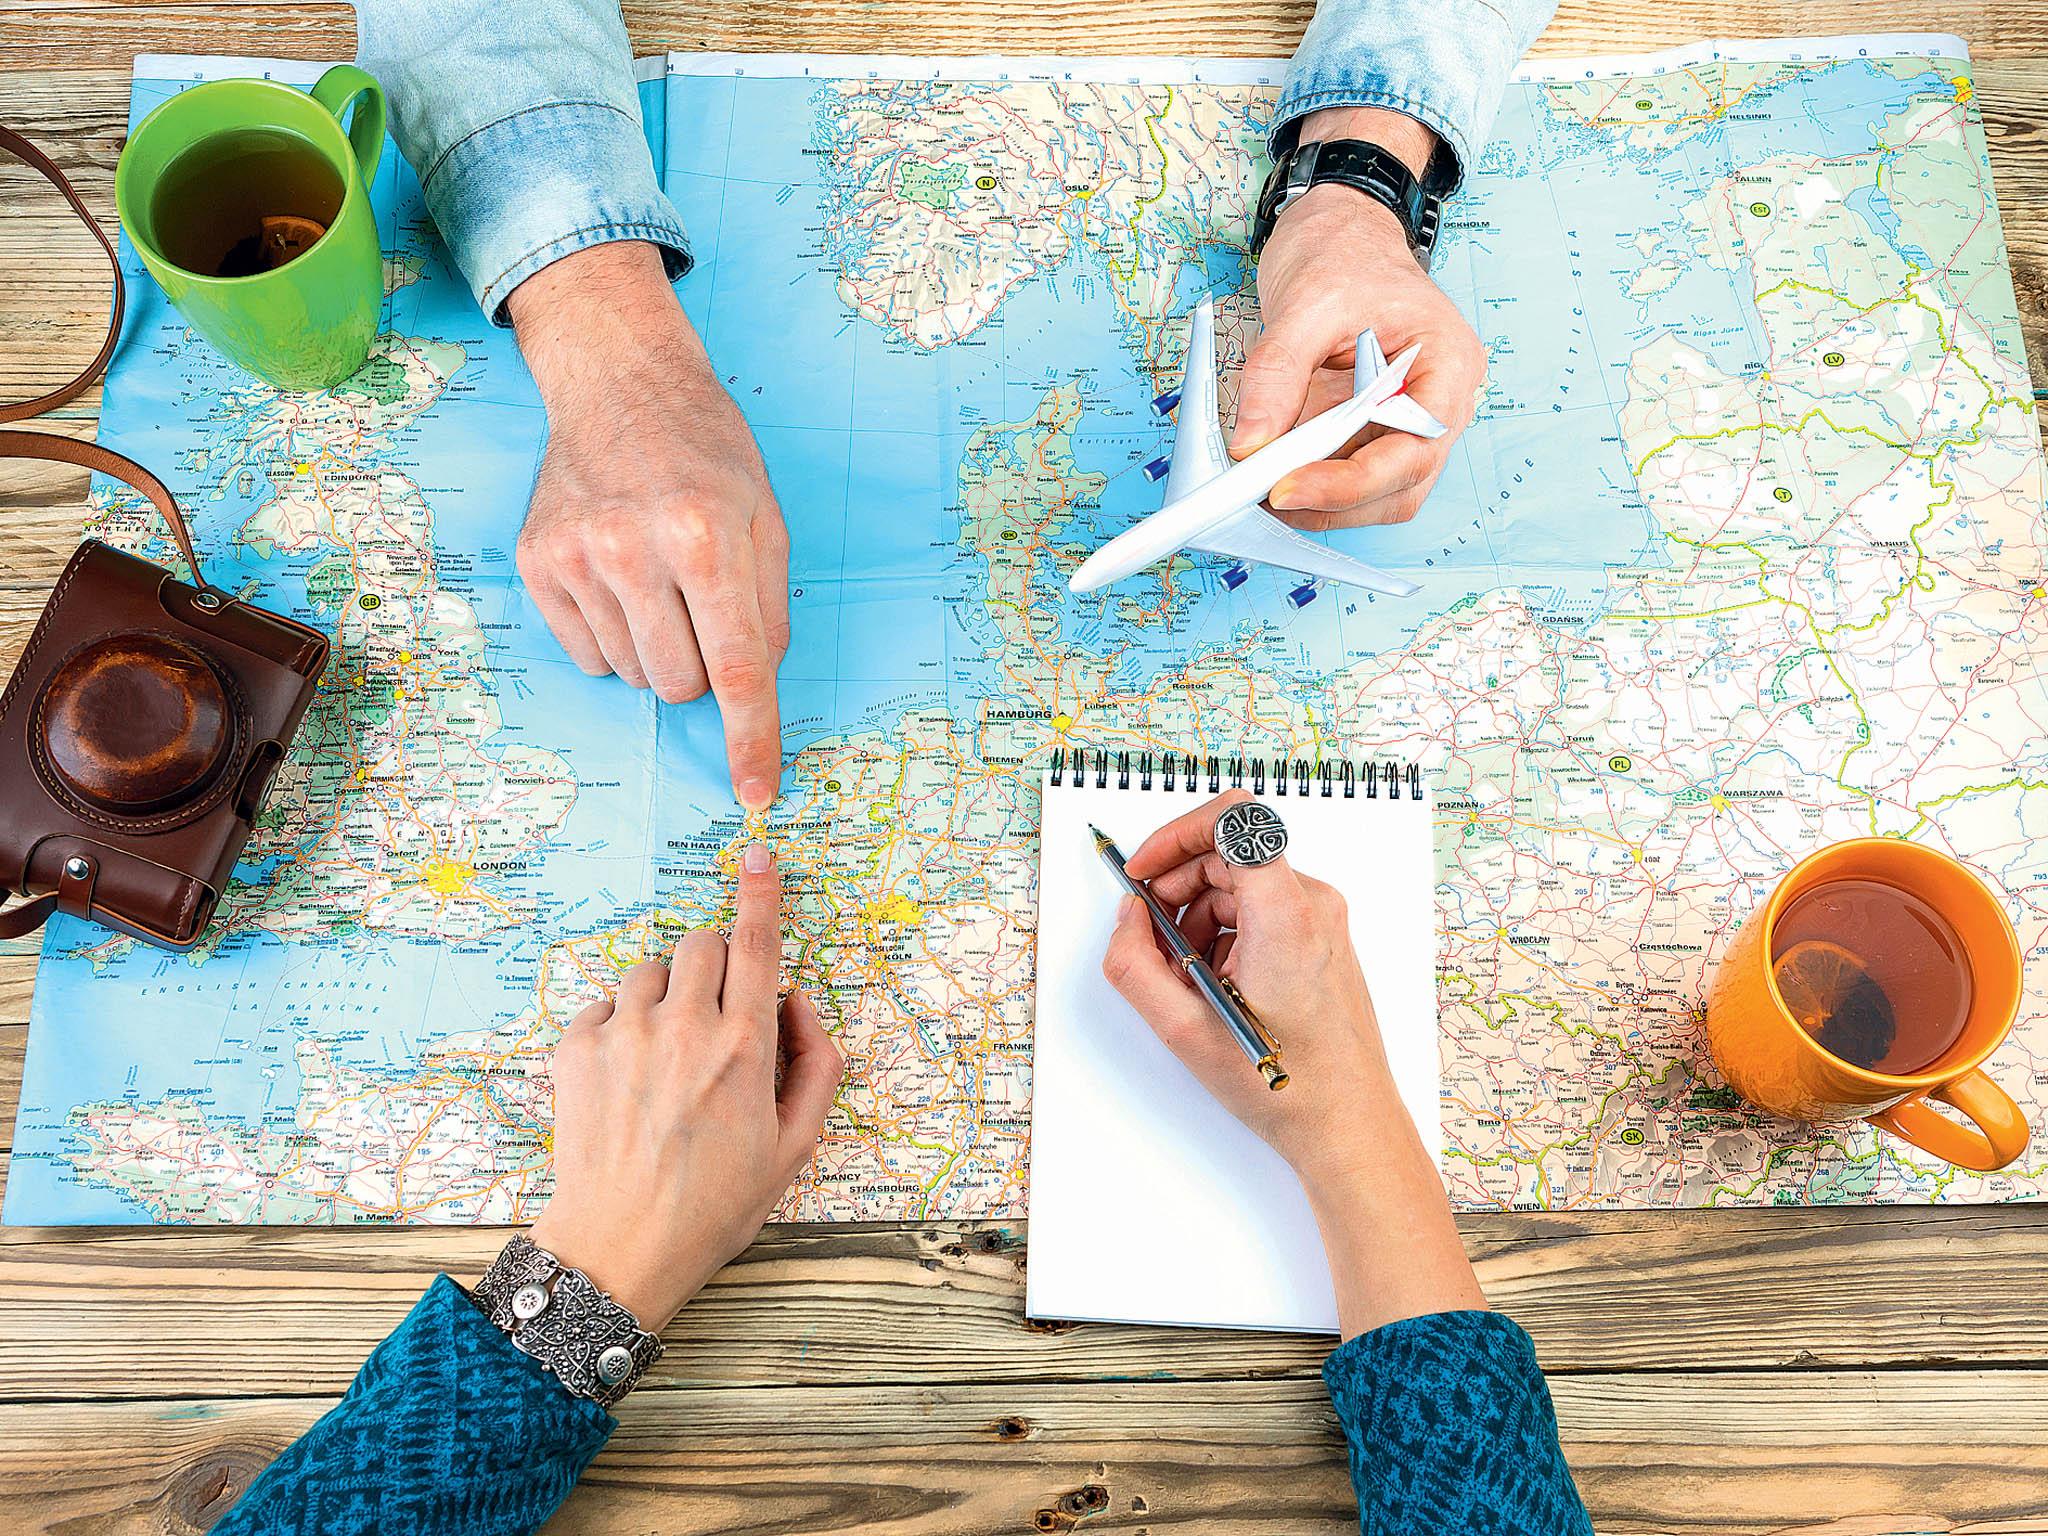 Vpondělí 11. ledna končí příjem žádostí doprogramu Covid podpora cestovního ruchu.